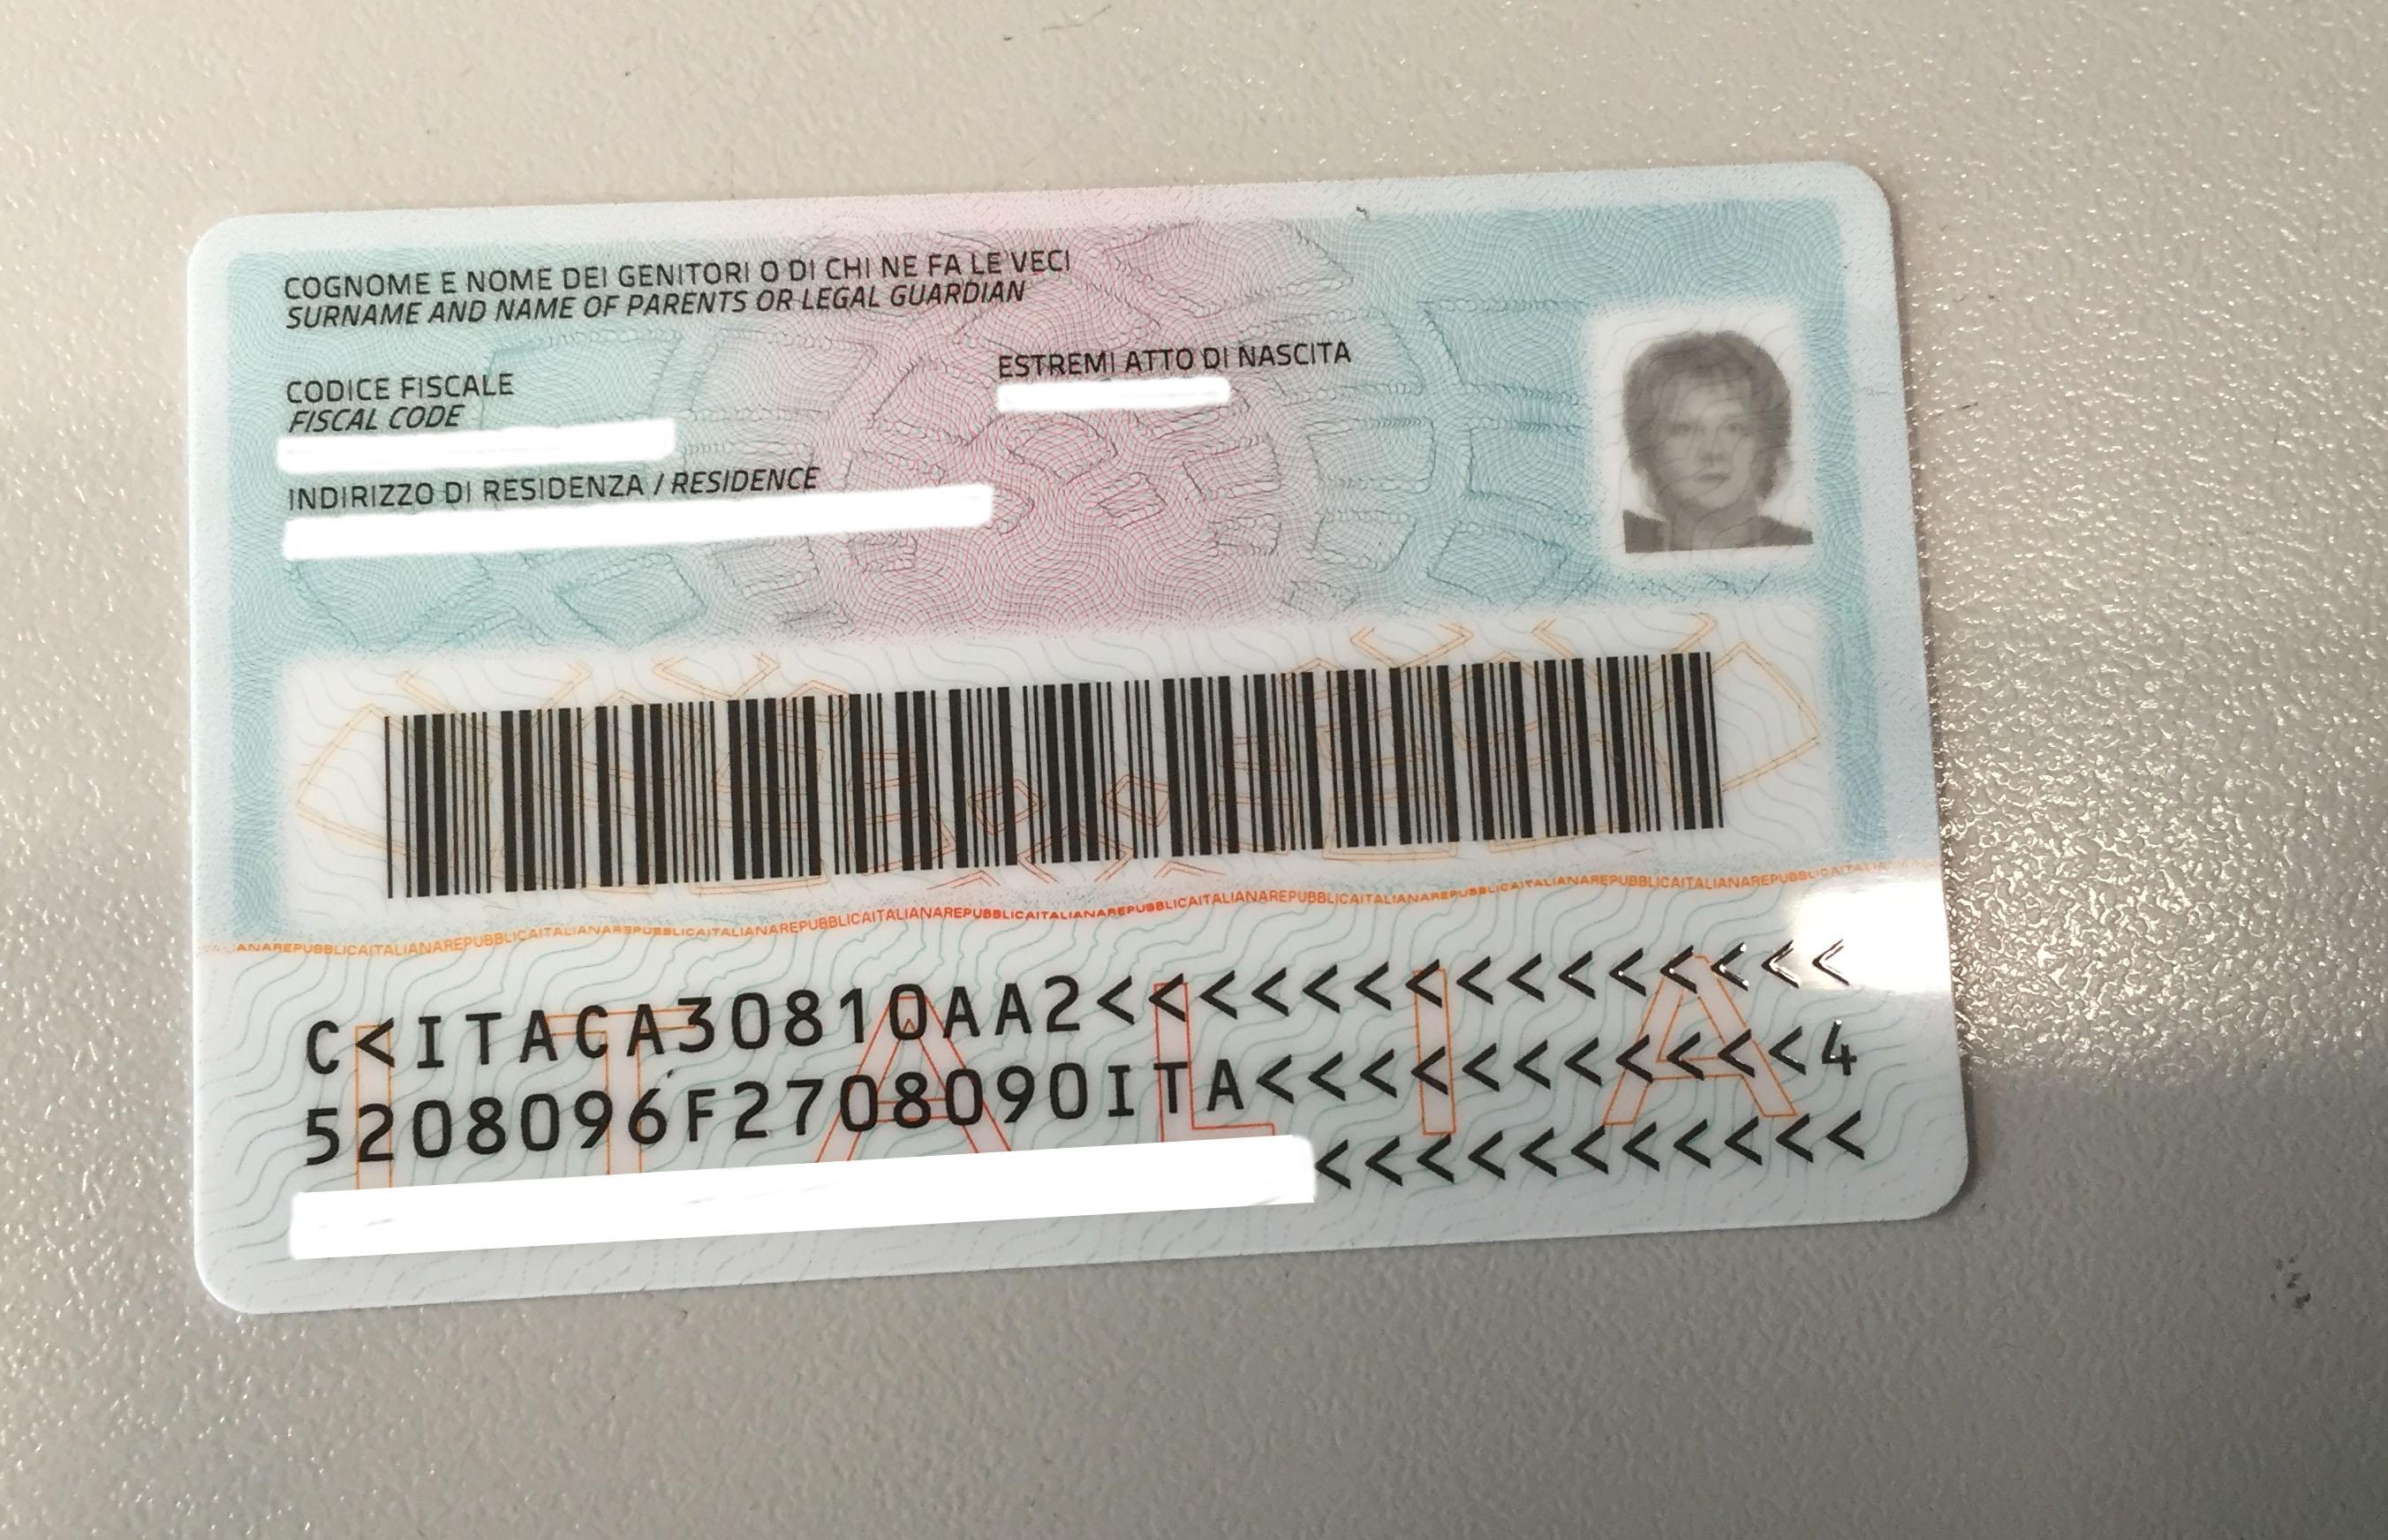 Ufficio Per Carta D Identità : Fiumicino anagrafe incremento dell orario per la carta d